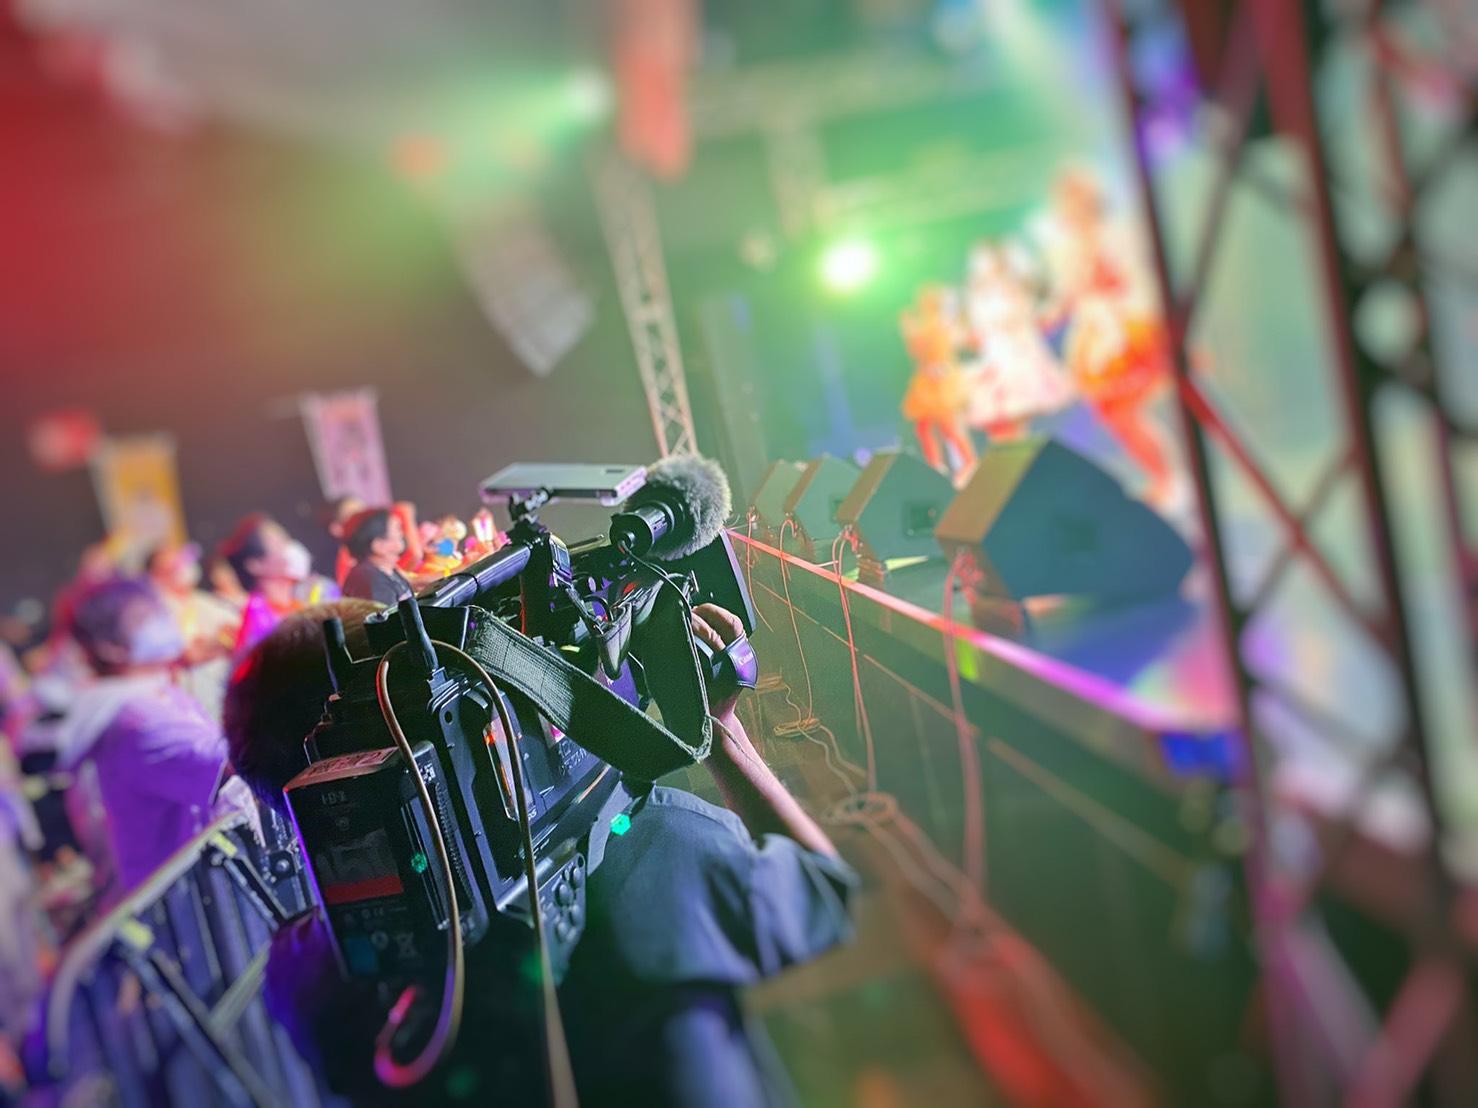 中京テレビ「キャッチ!」にてナト☆カンワンマンライブの様子が放送されました。